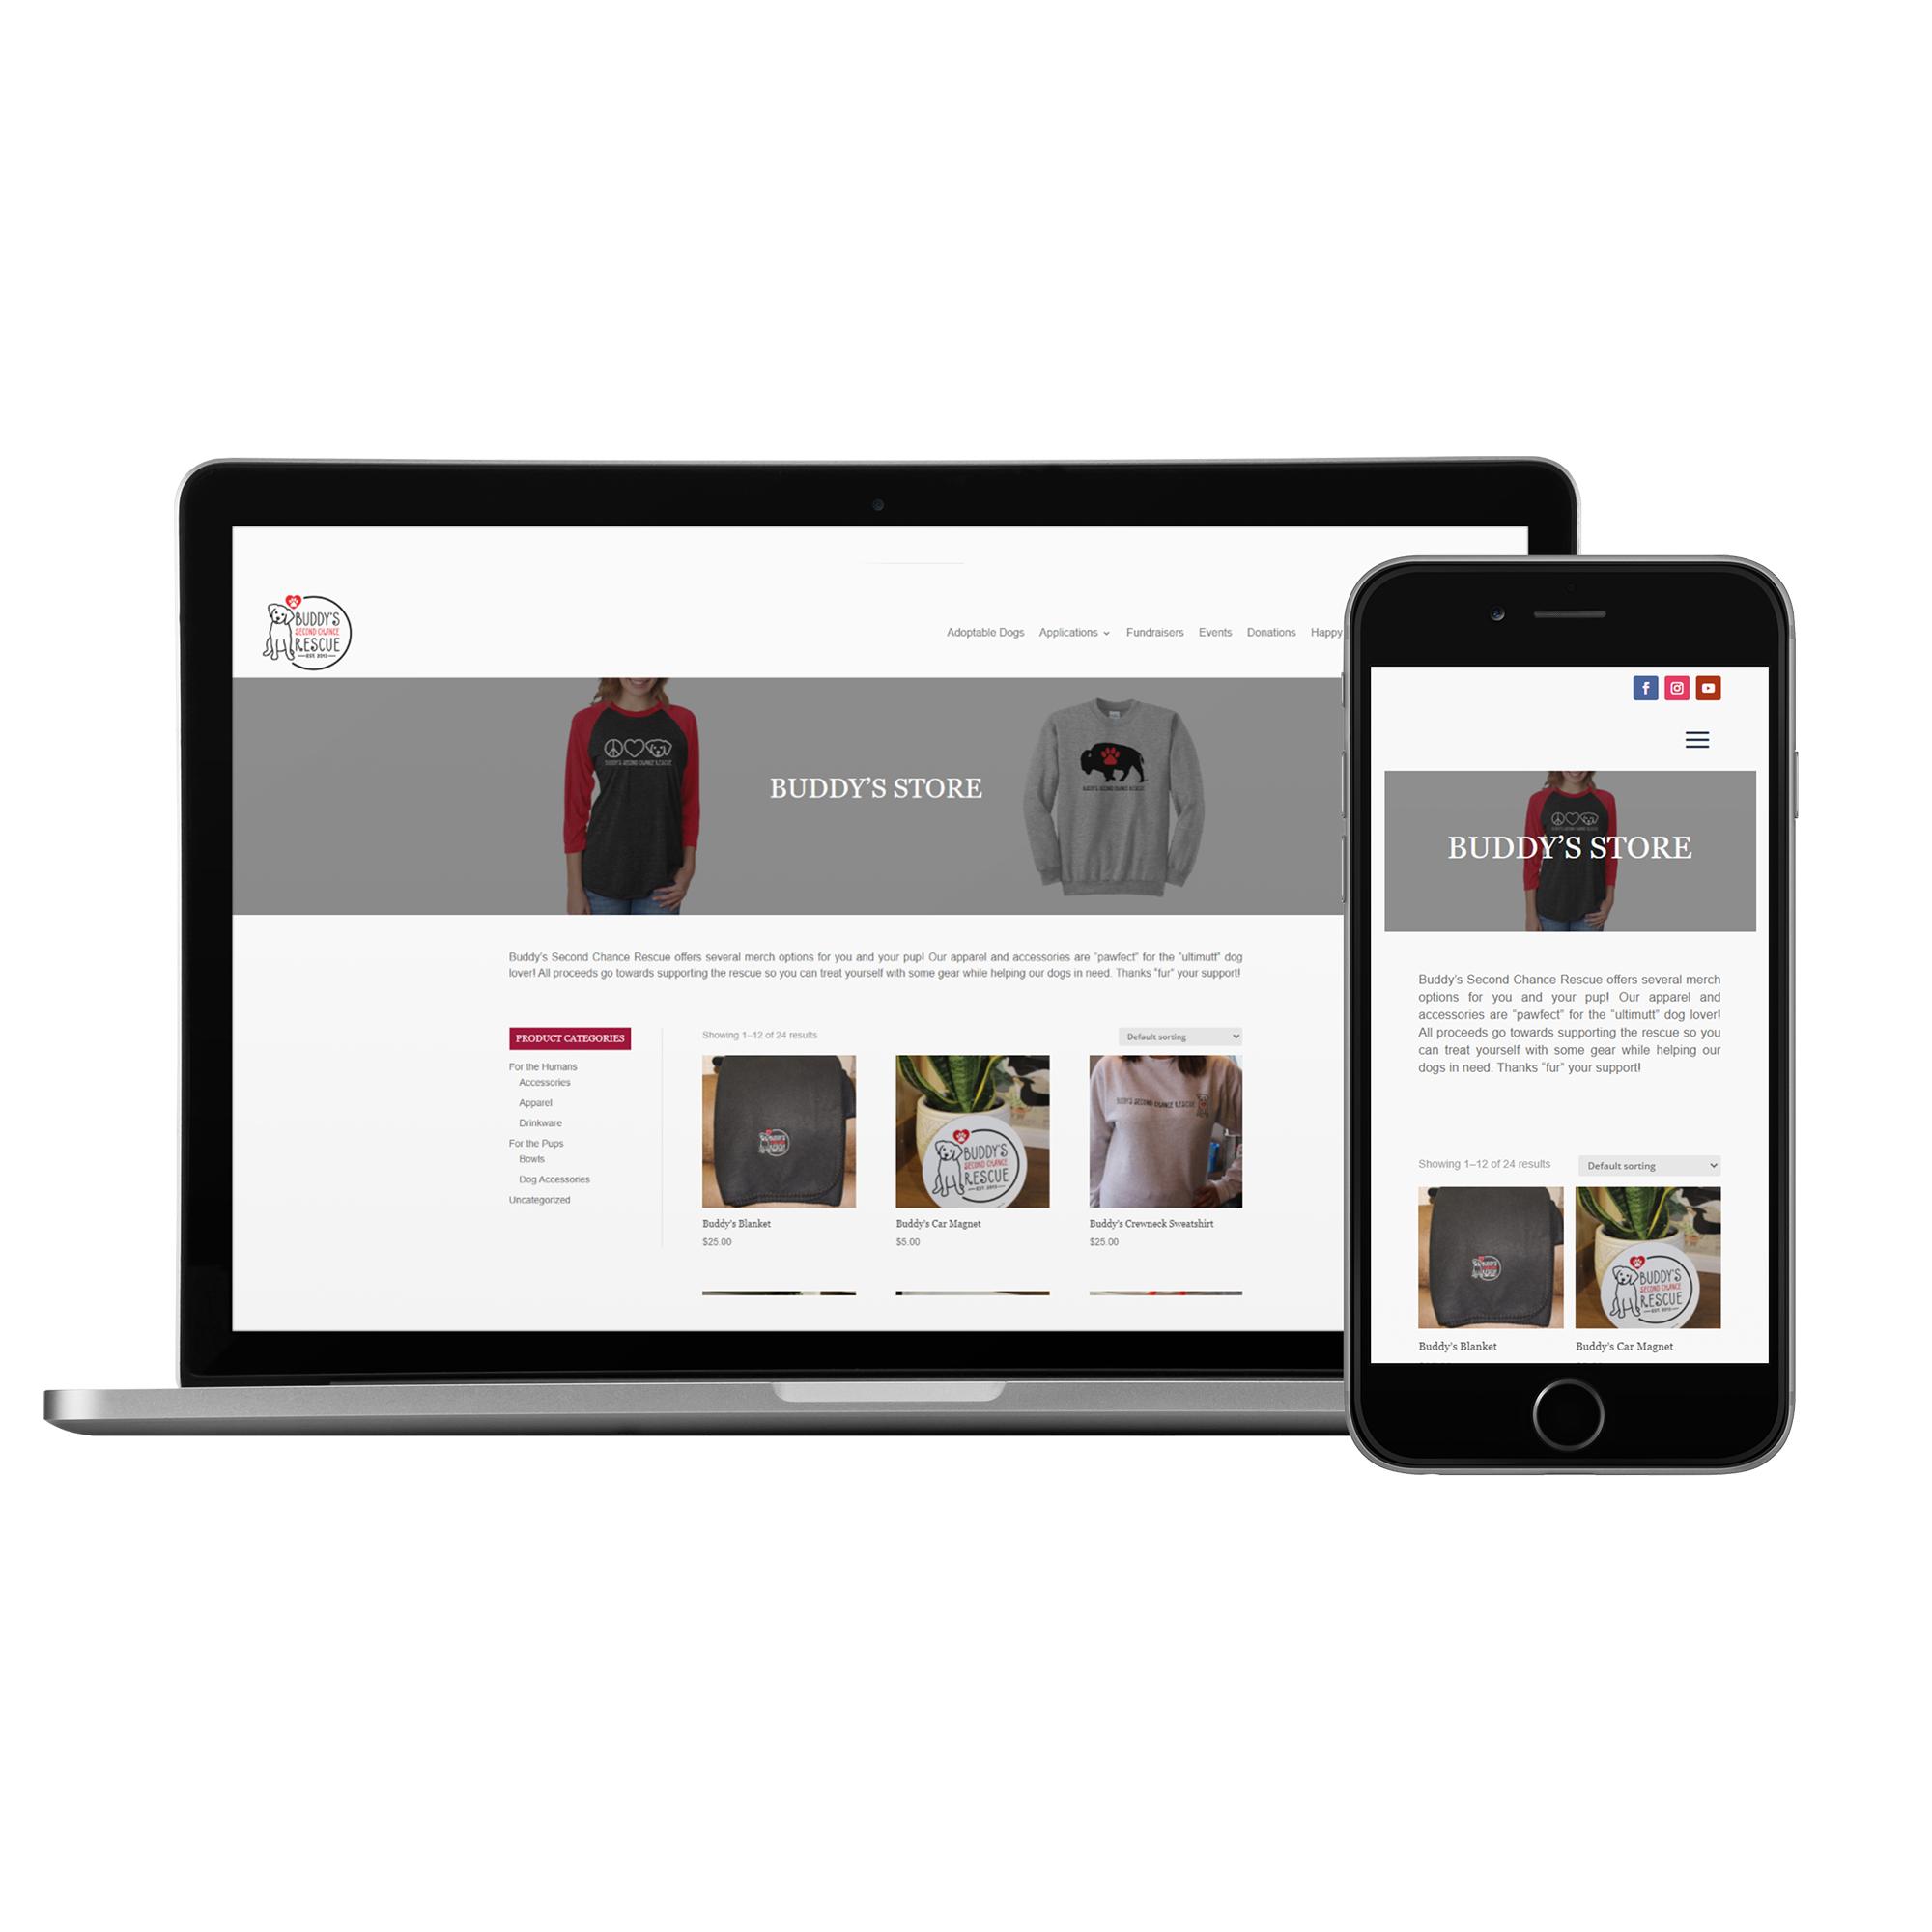 custom-online-store-dc-md-ny-va